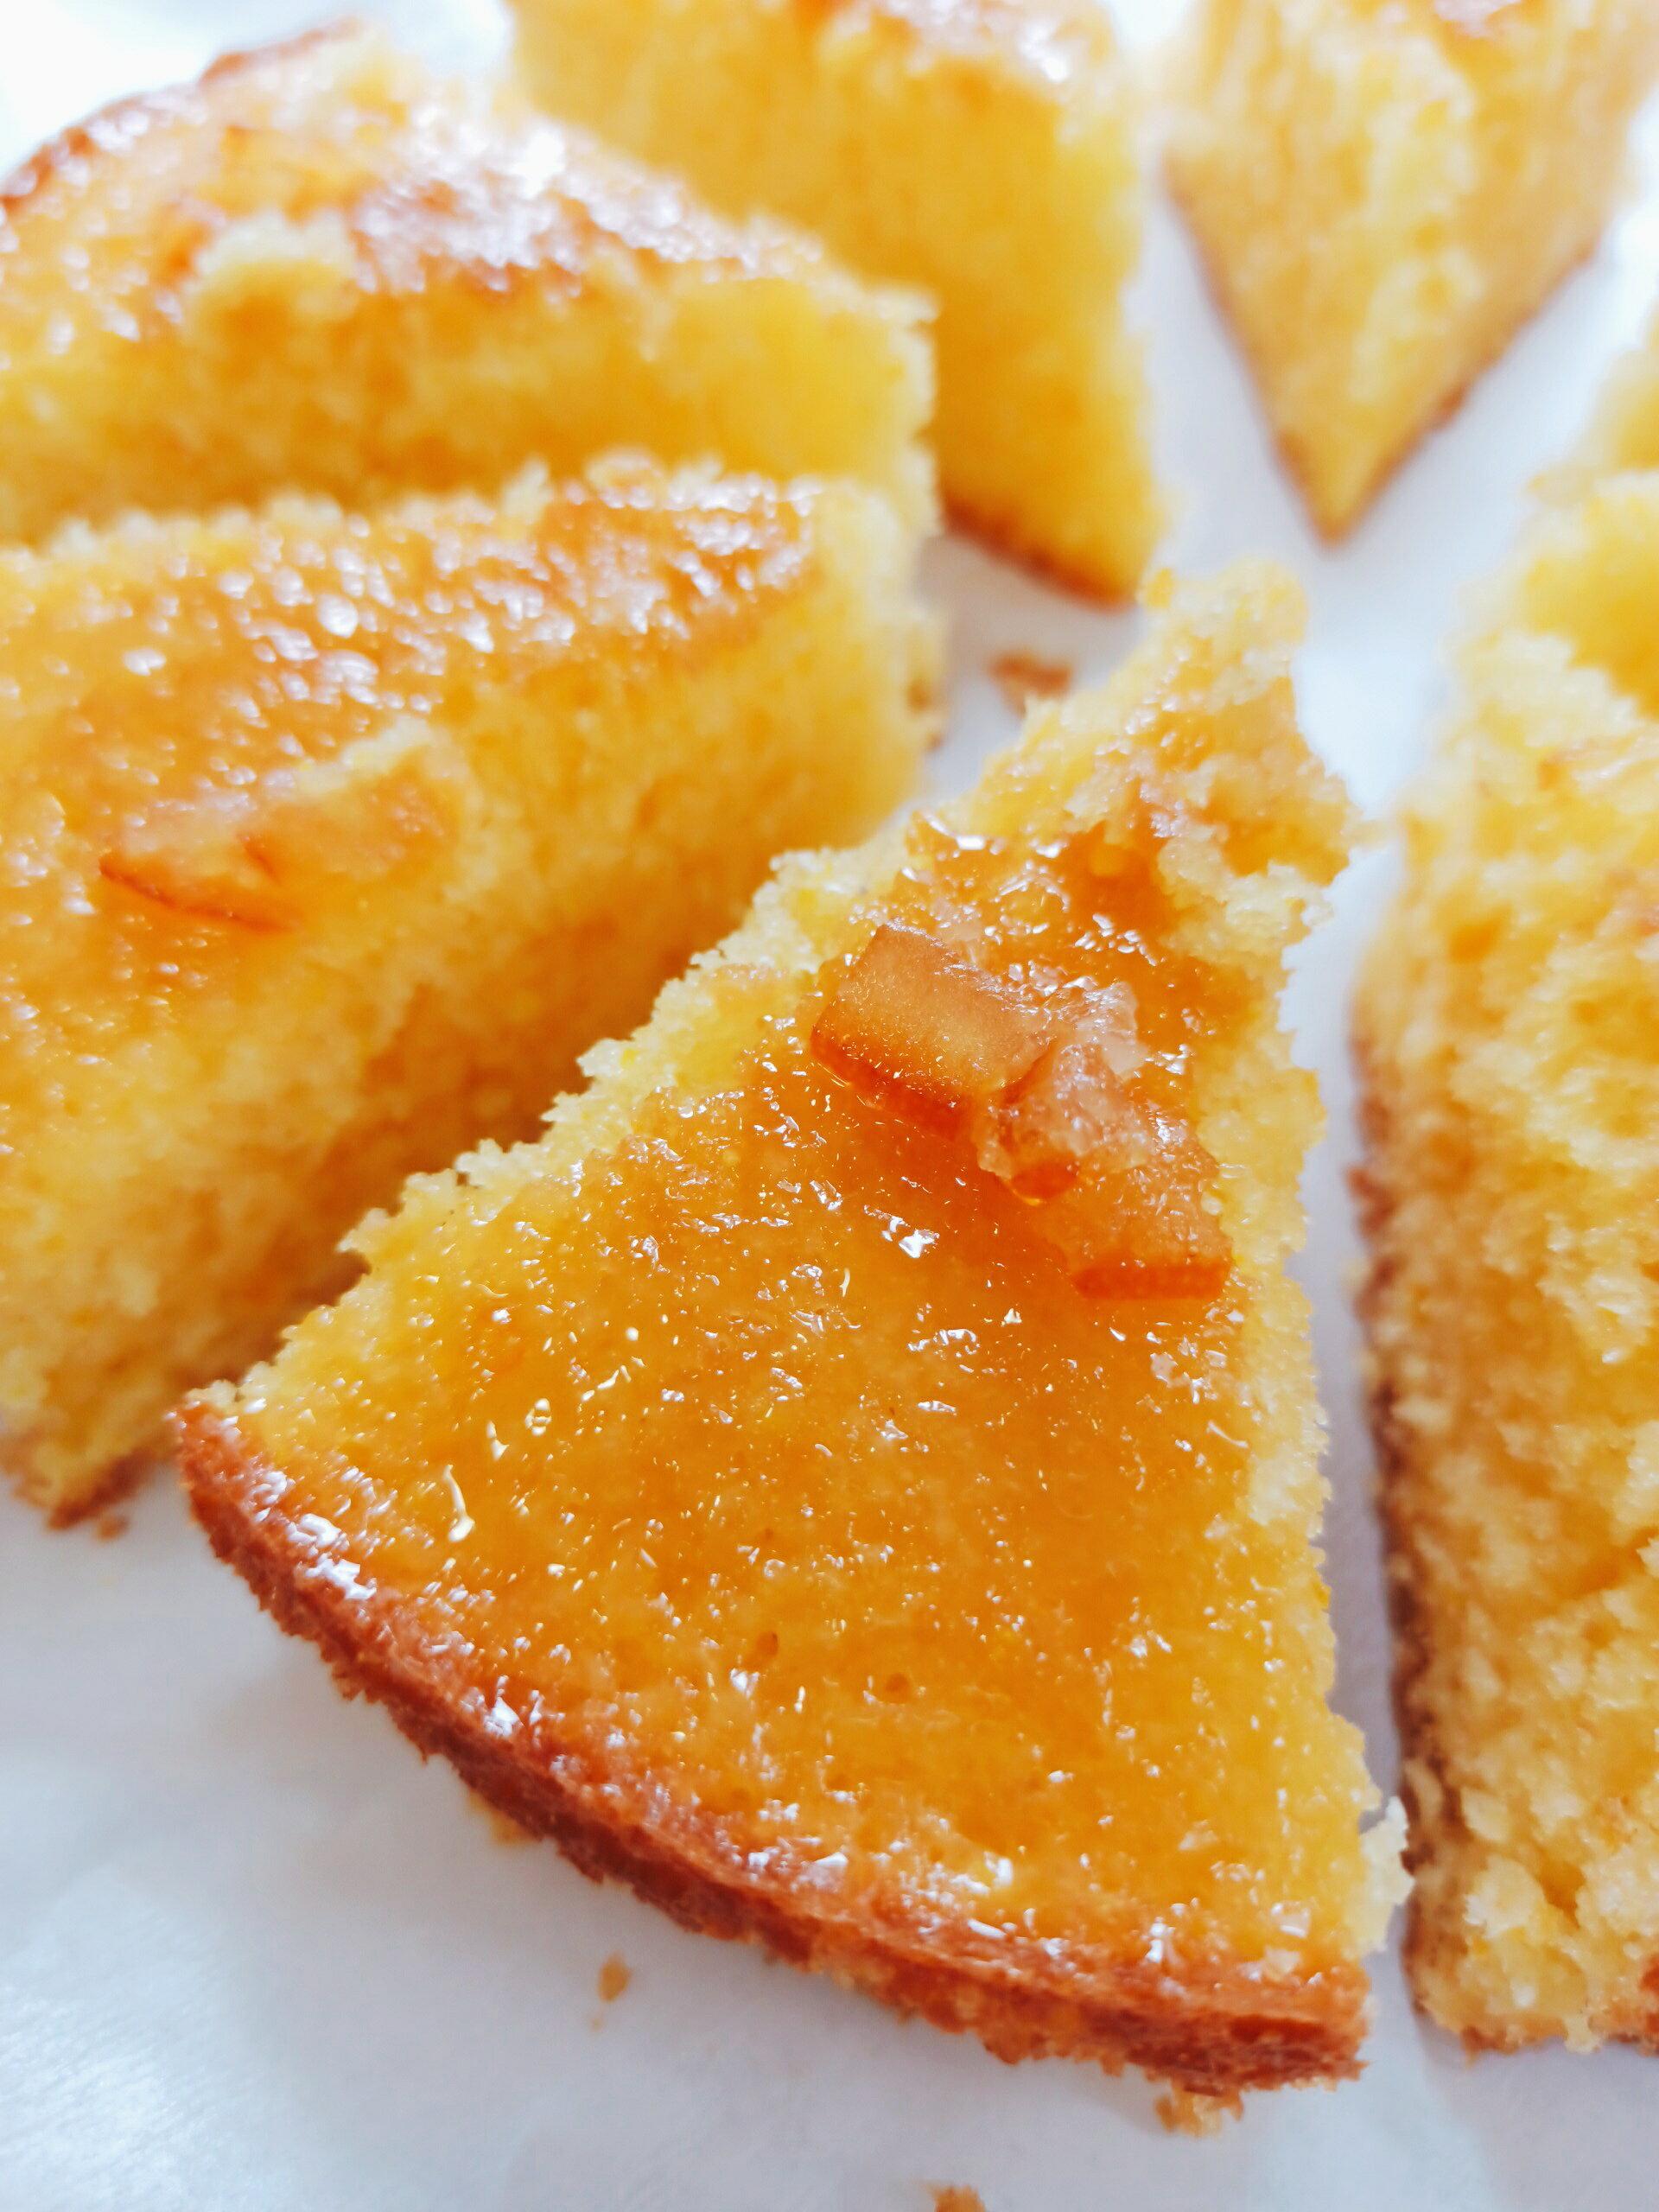 法國沙巴東柑橘蛋糕 (七吋) 手作甜點/蛋糕/點心/下午茶